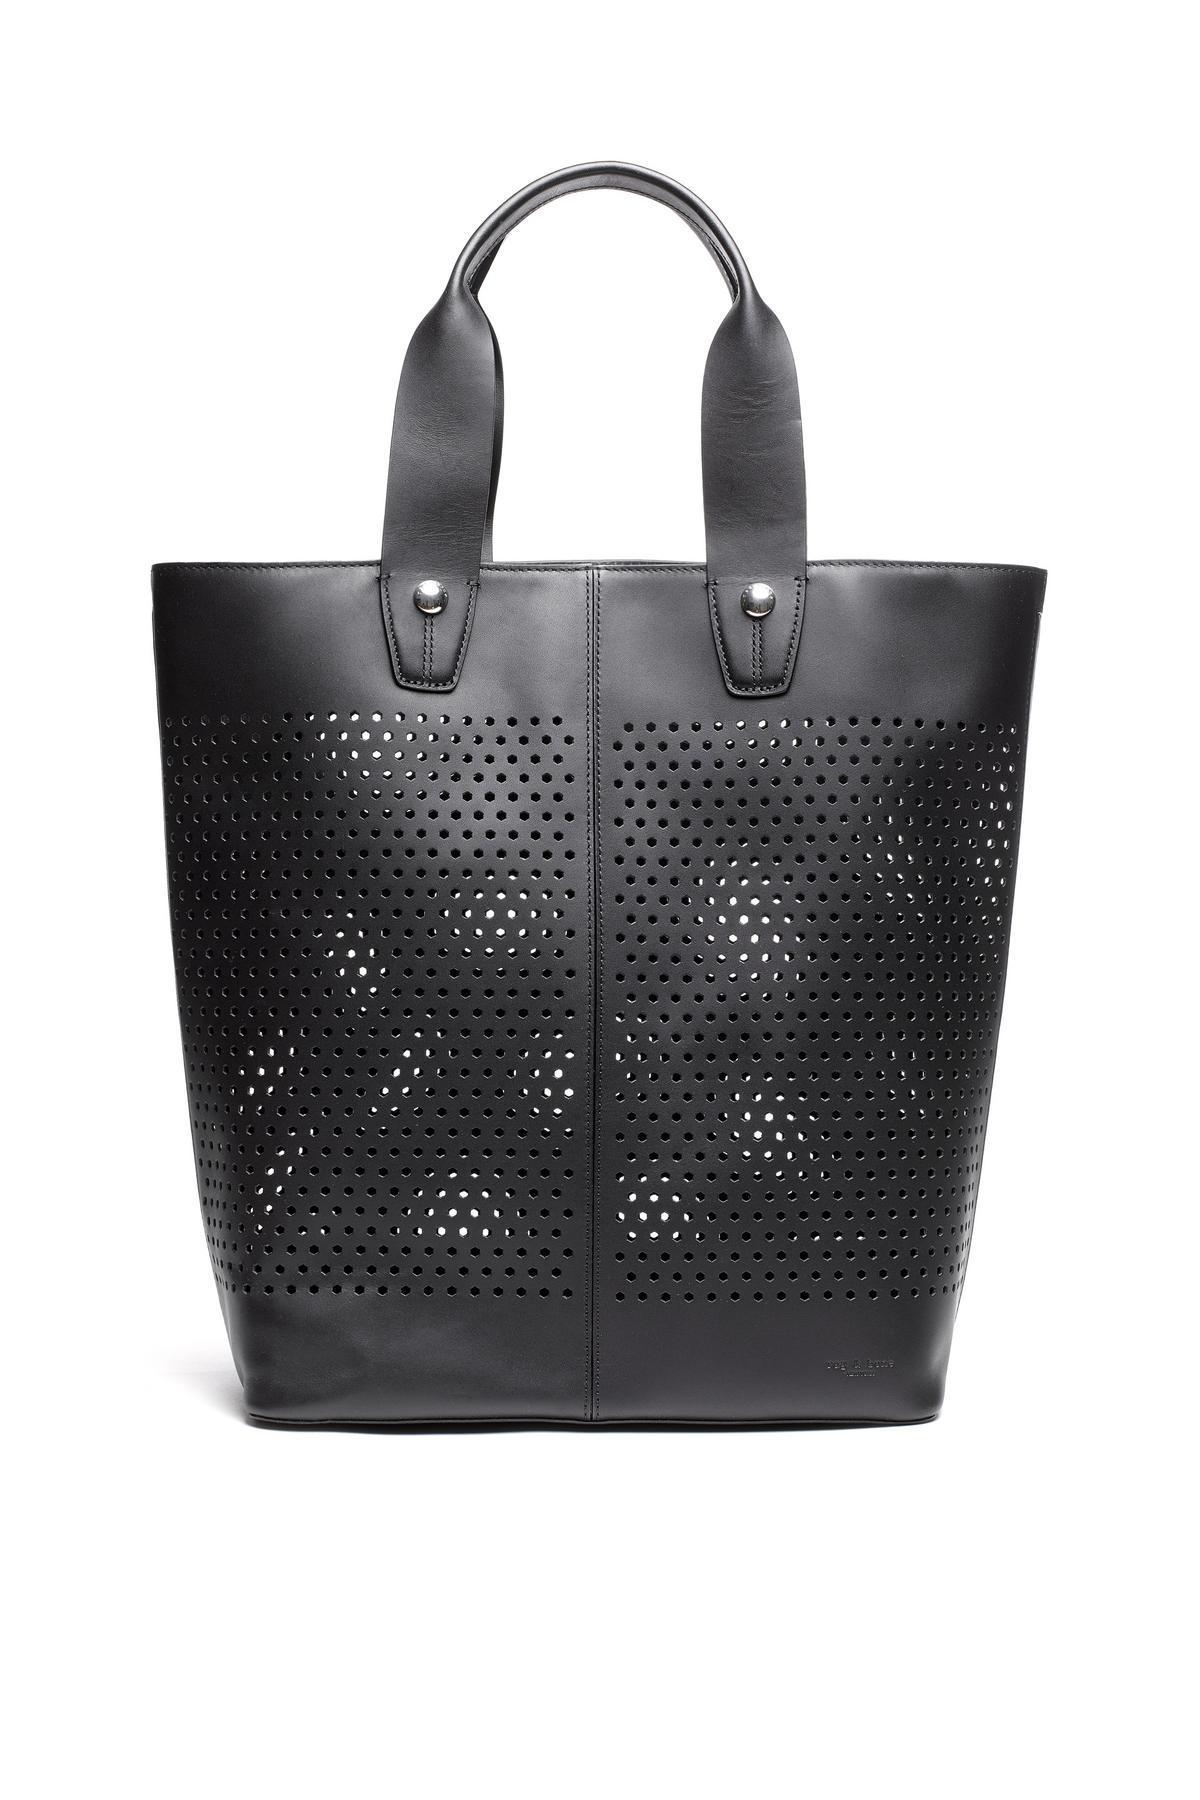 Tote Bags Black Perforated Handbags